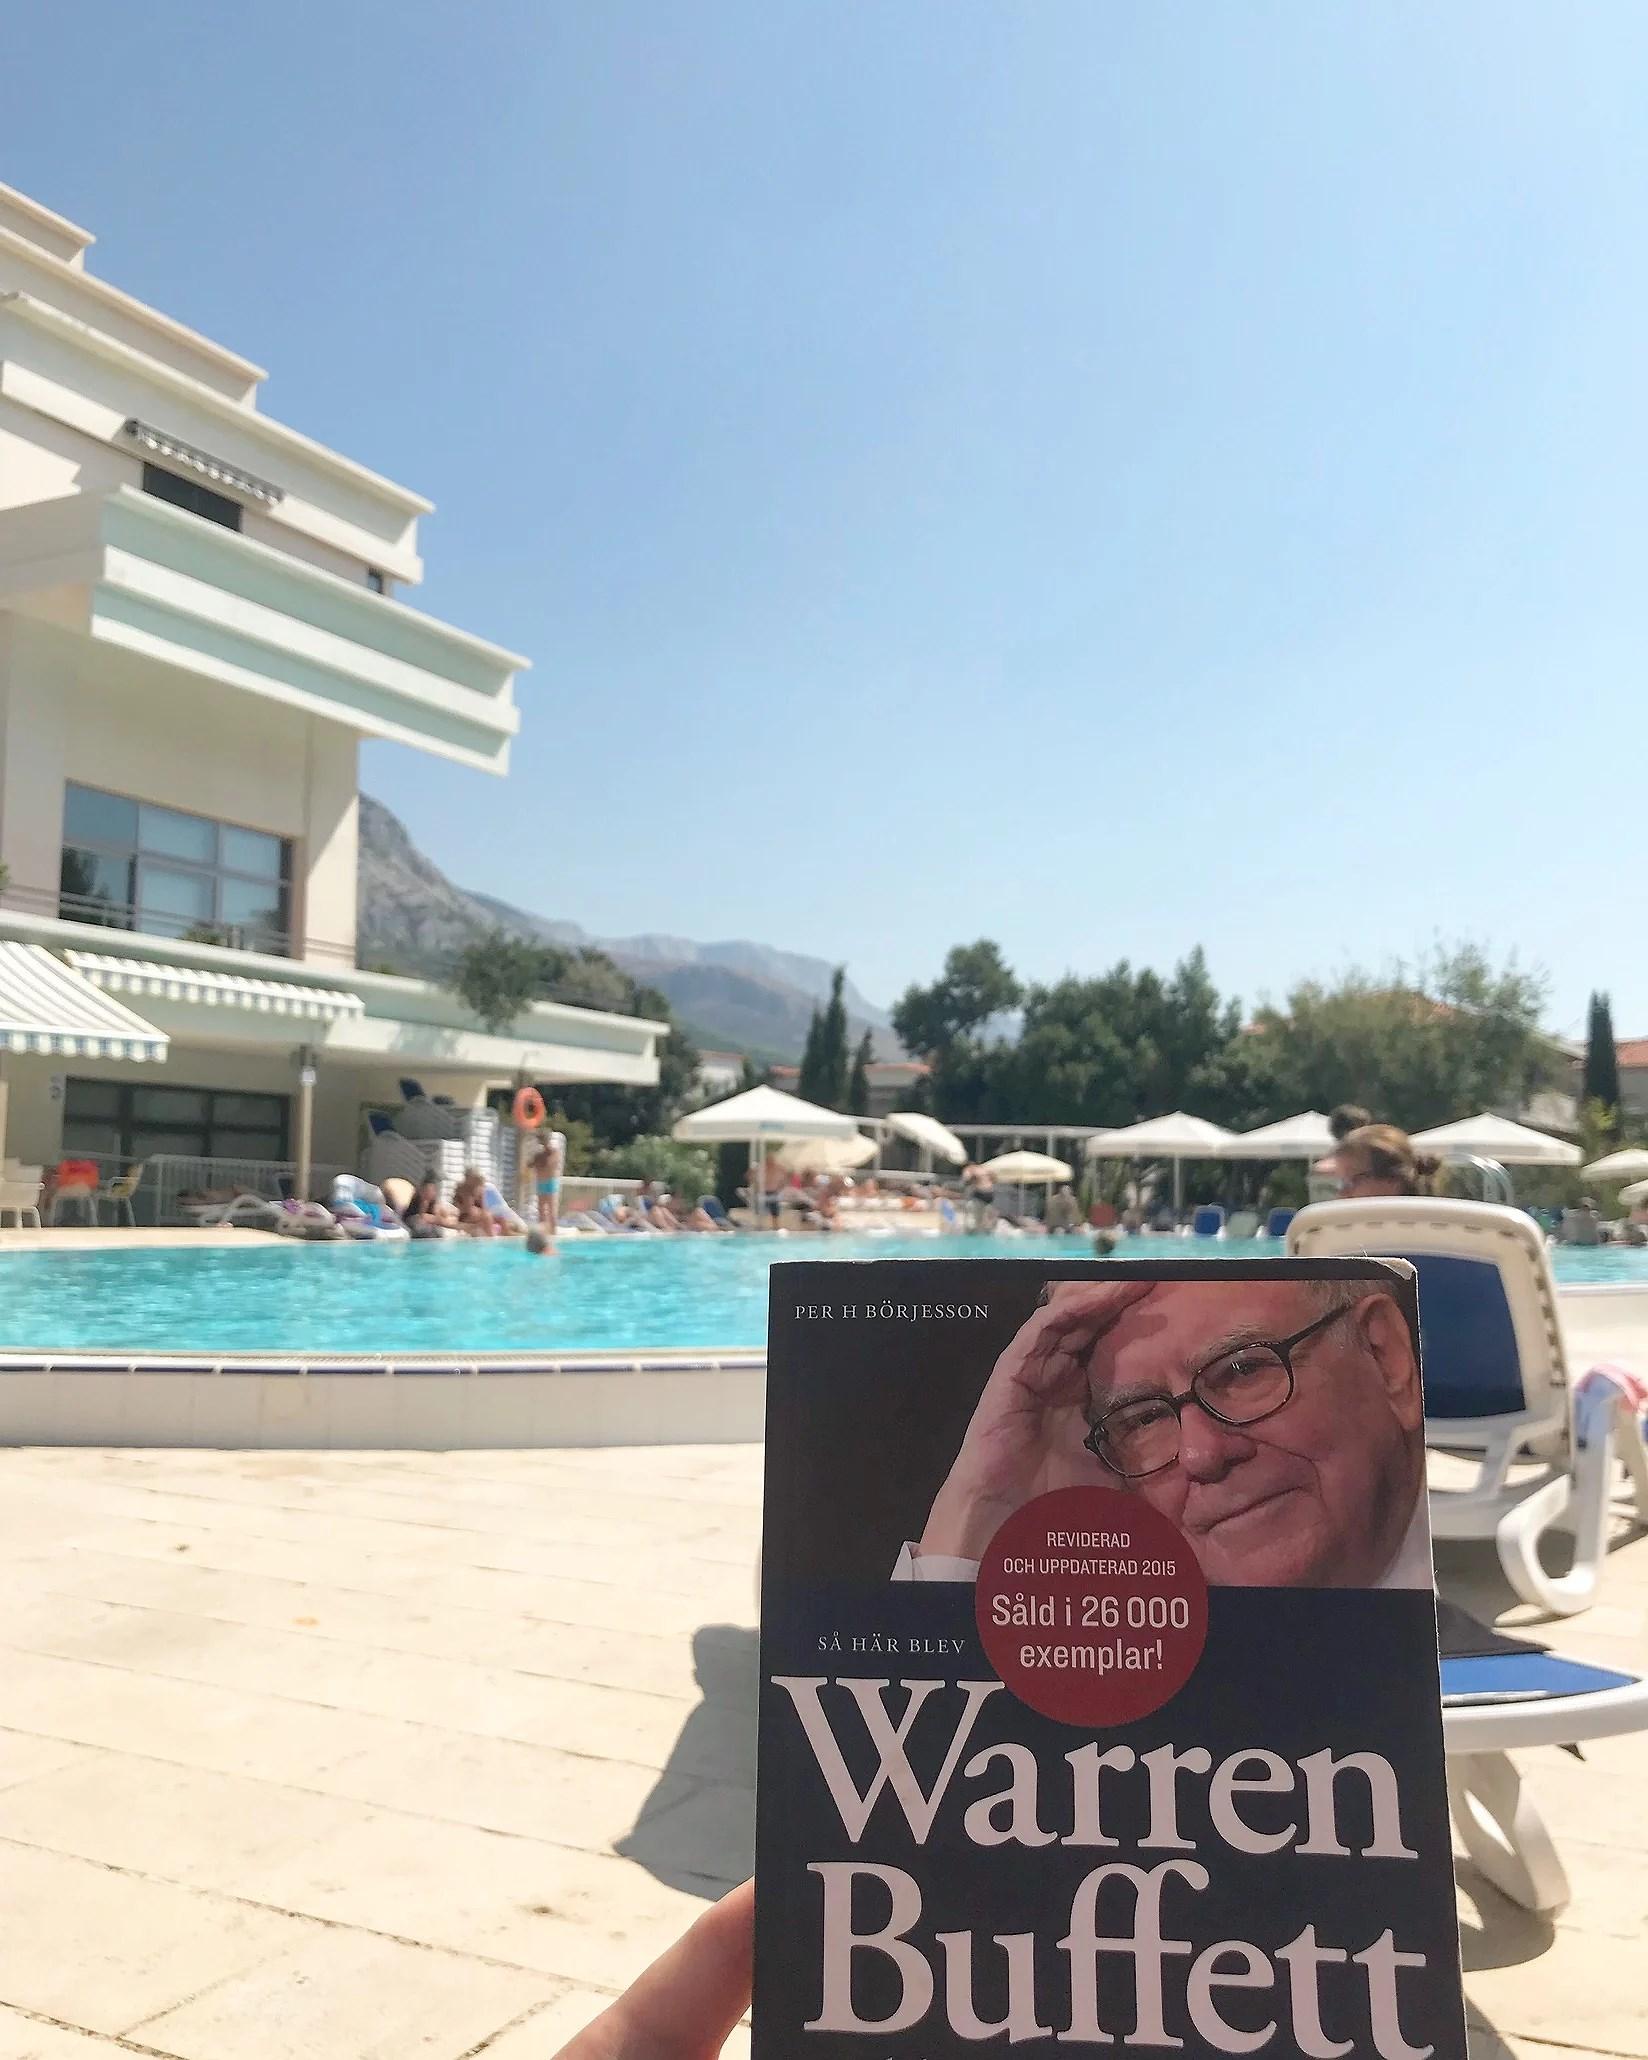 Såhär blev Warren Buffett världens rikaste person